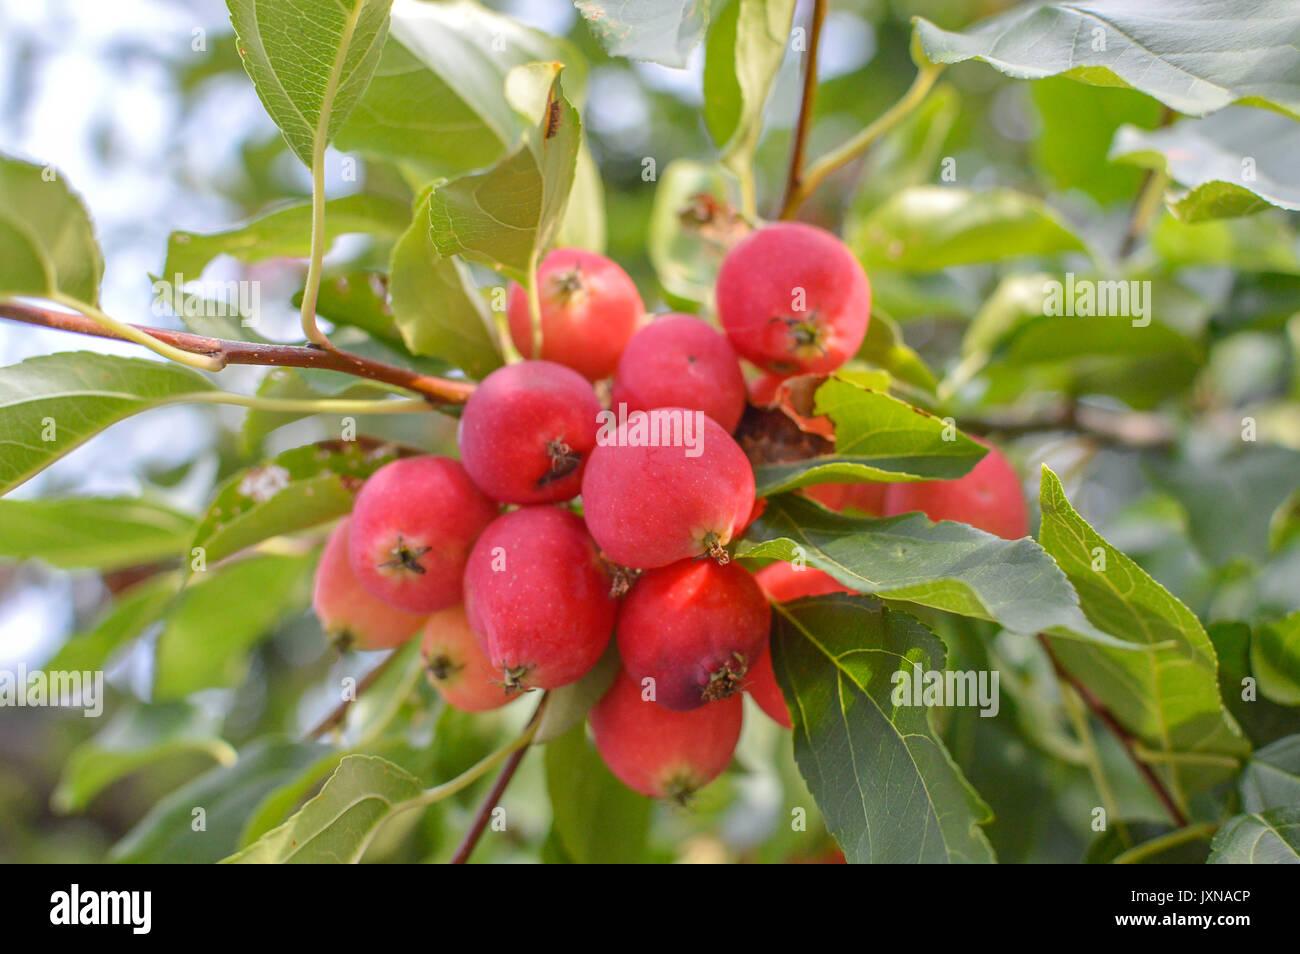 Top Kleine Äpfel Früchte auf die Äste von Apfelbäumen in Kanada #HB_63